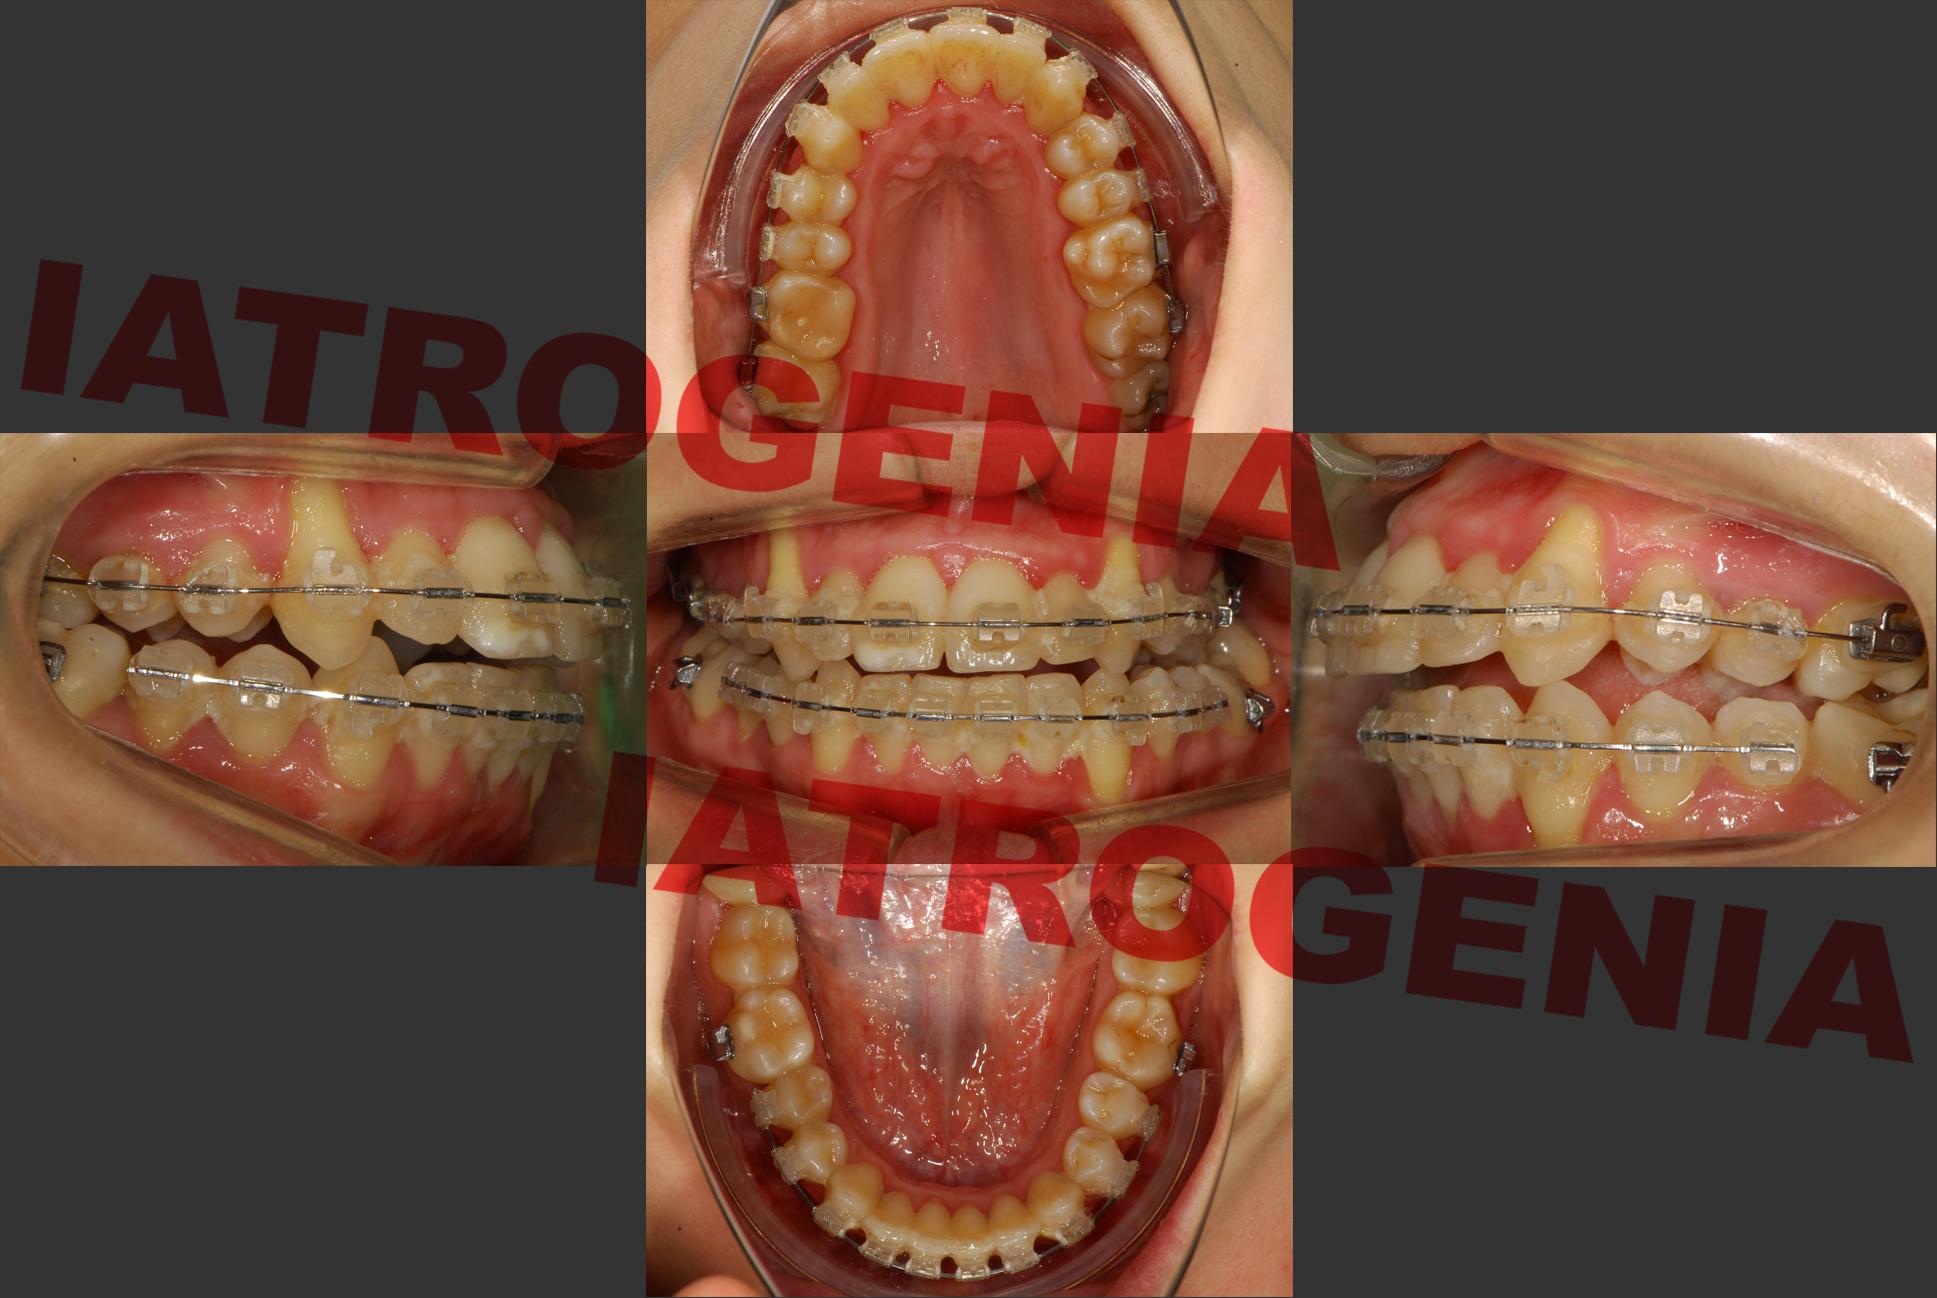 La paciente presenta recesiones gingivales severas, clase II, mordida abierta y cruzada, y no puede cerrar la boca correctamente.